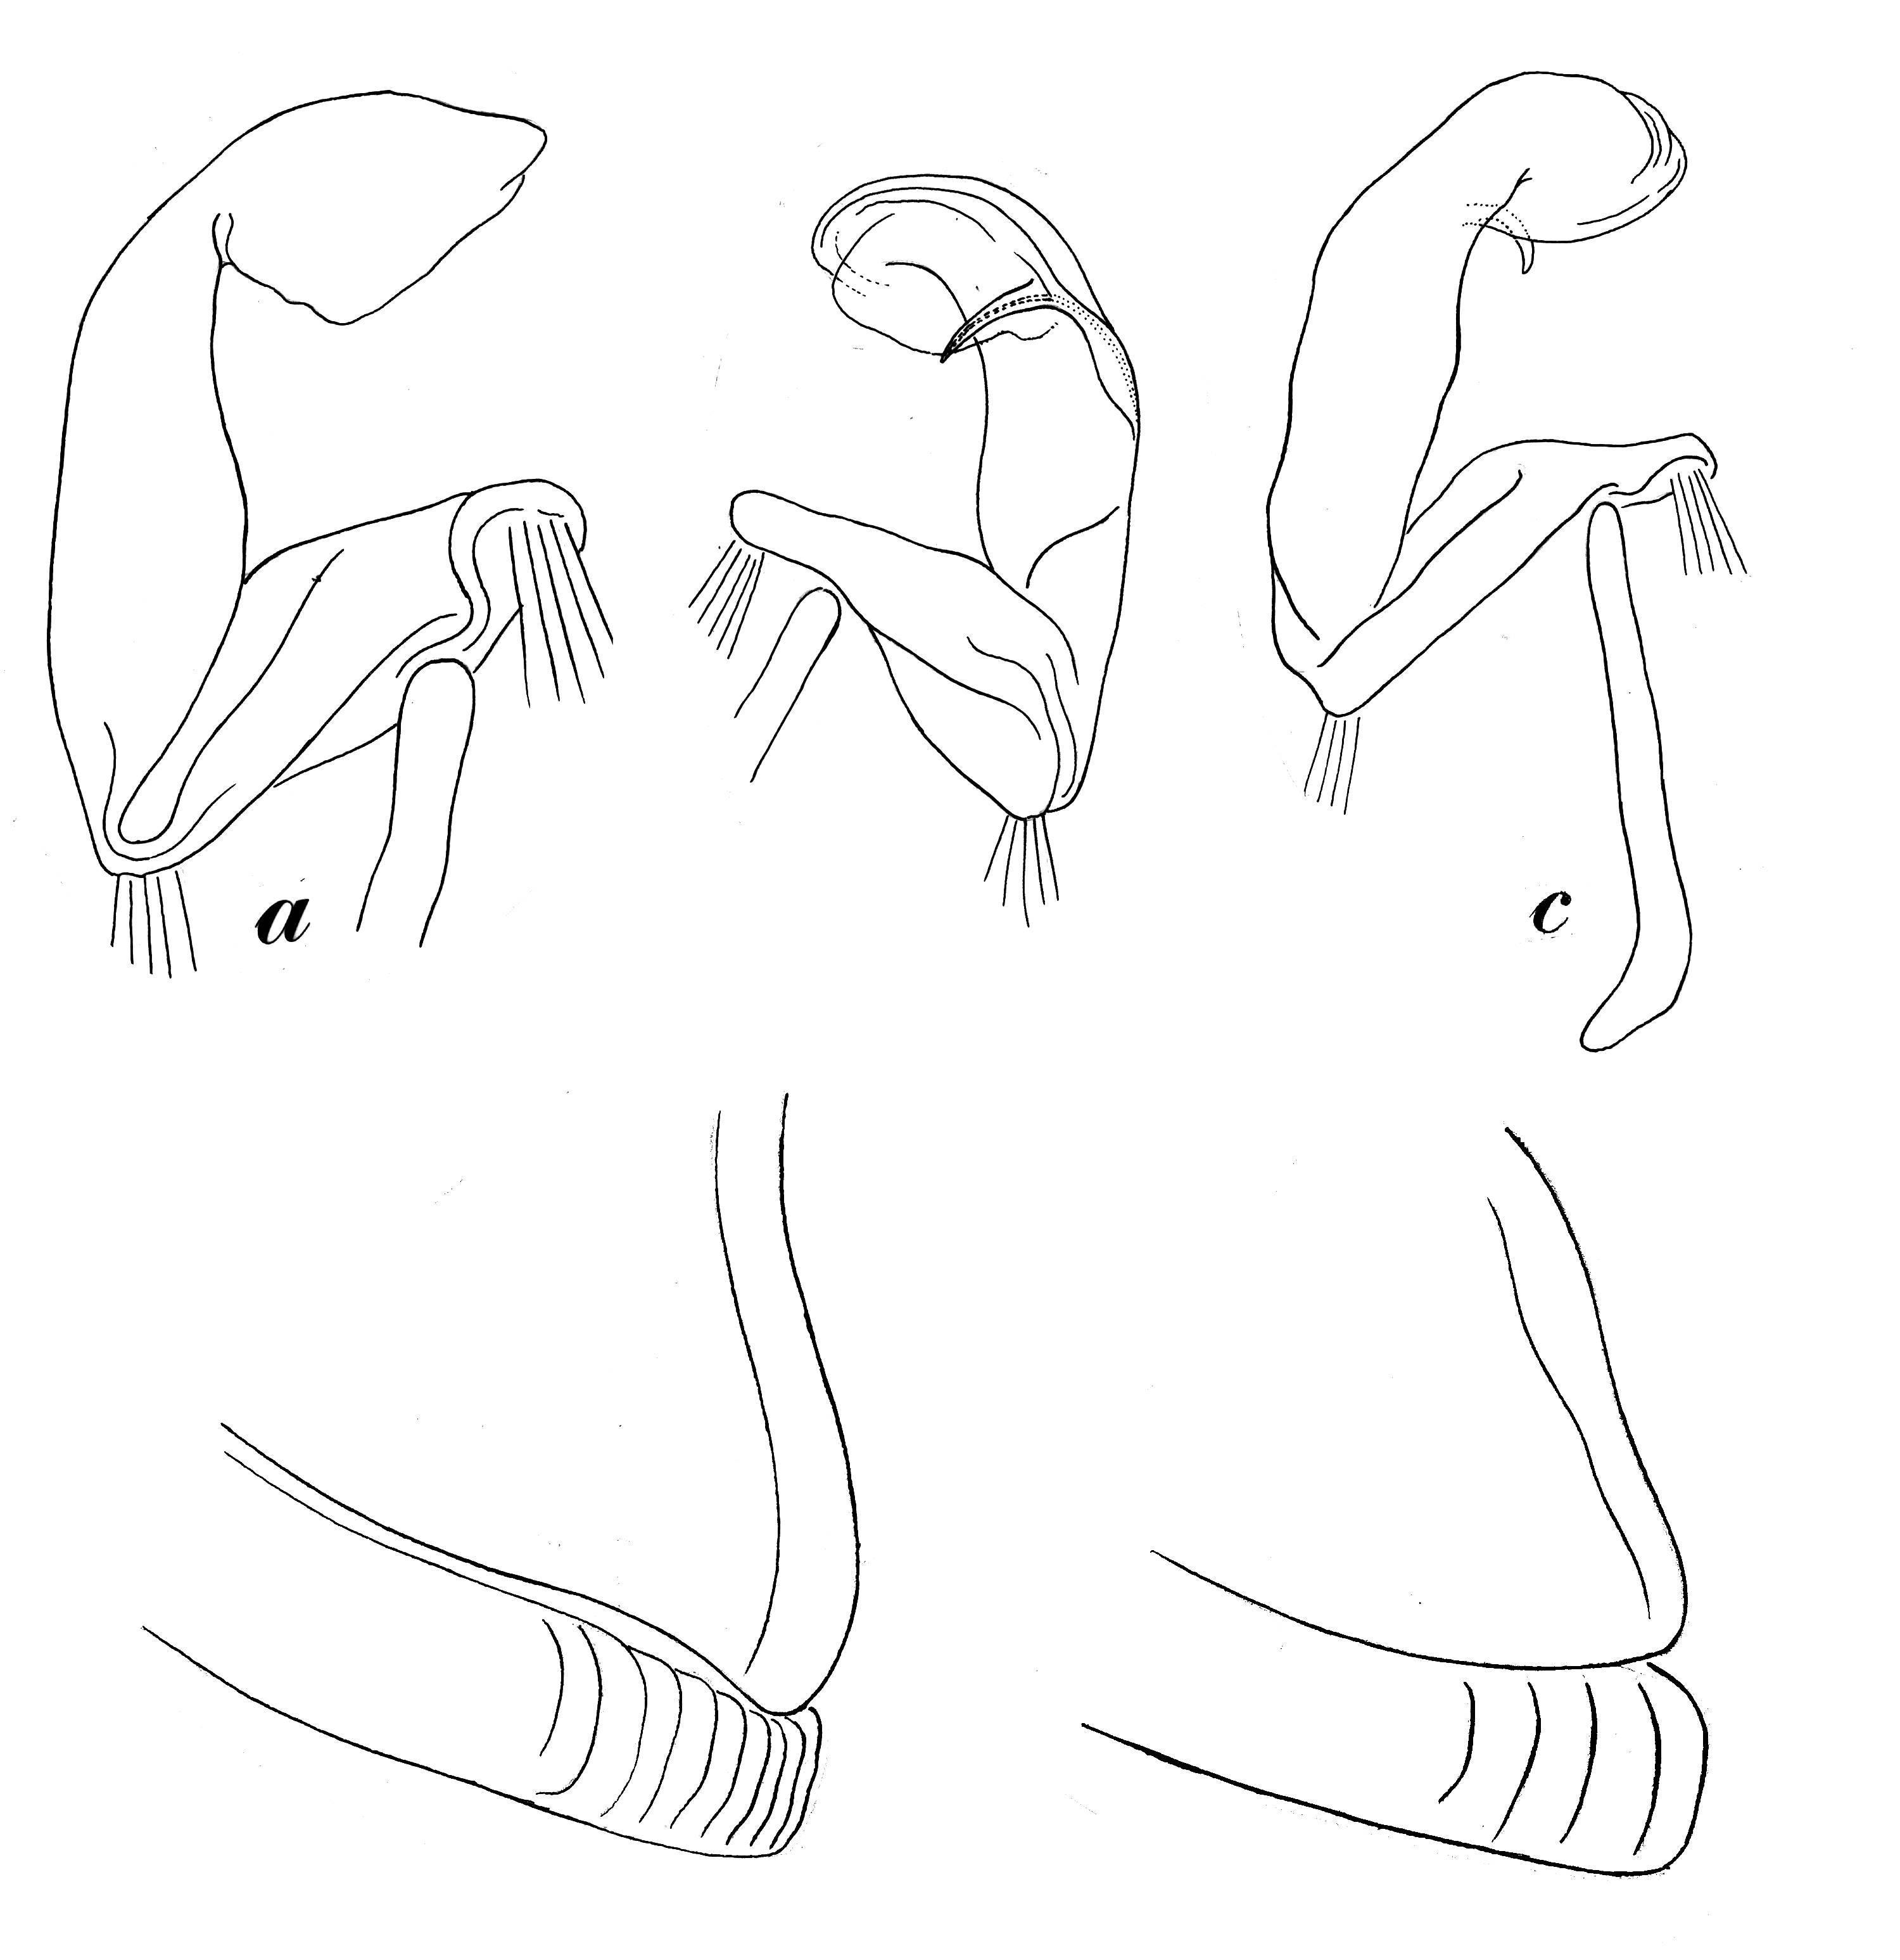 Image of Atopetholidae